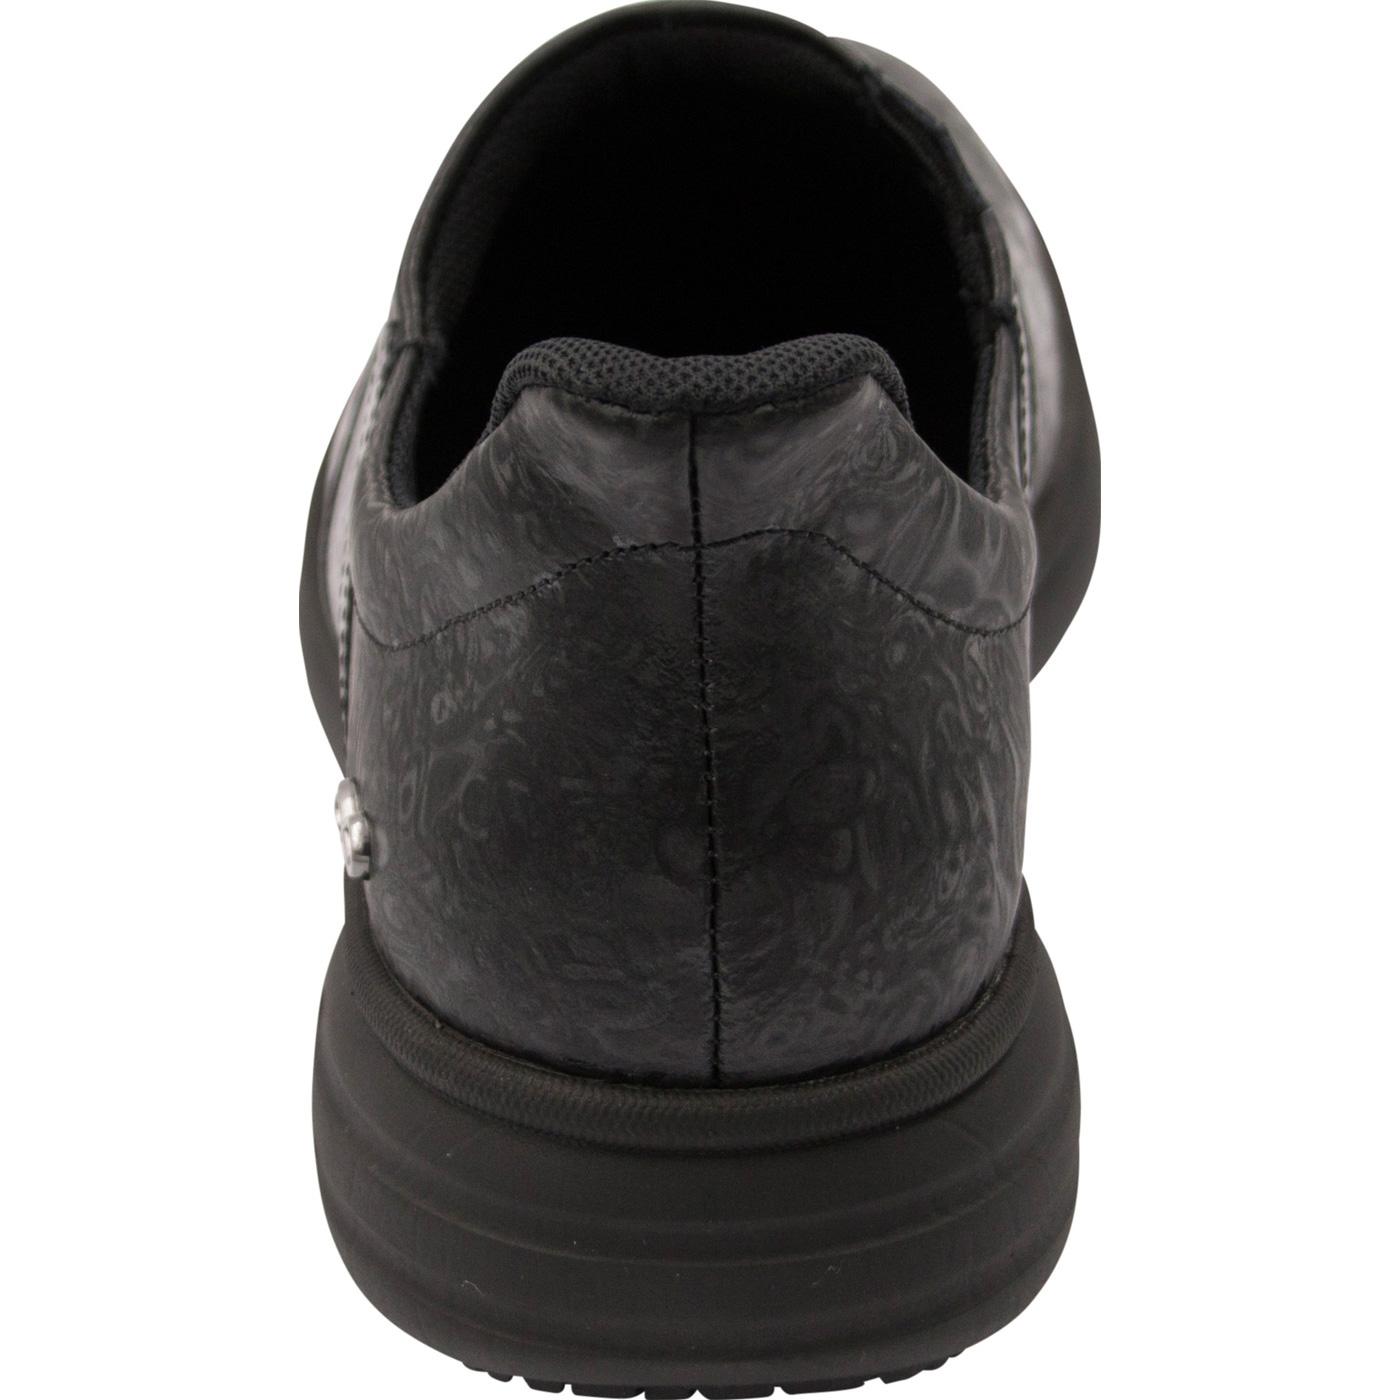 069de86ae9aa Buy the Infinity by Cherokee Breeze Women s Slip Resistant Black ...